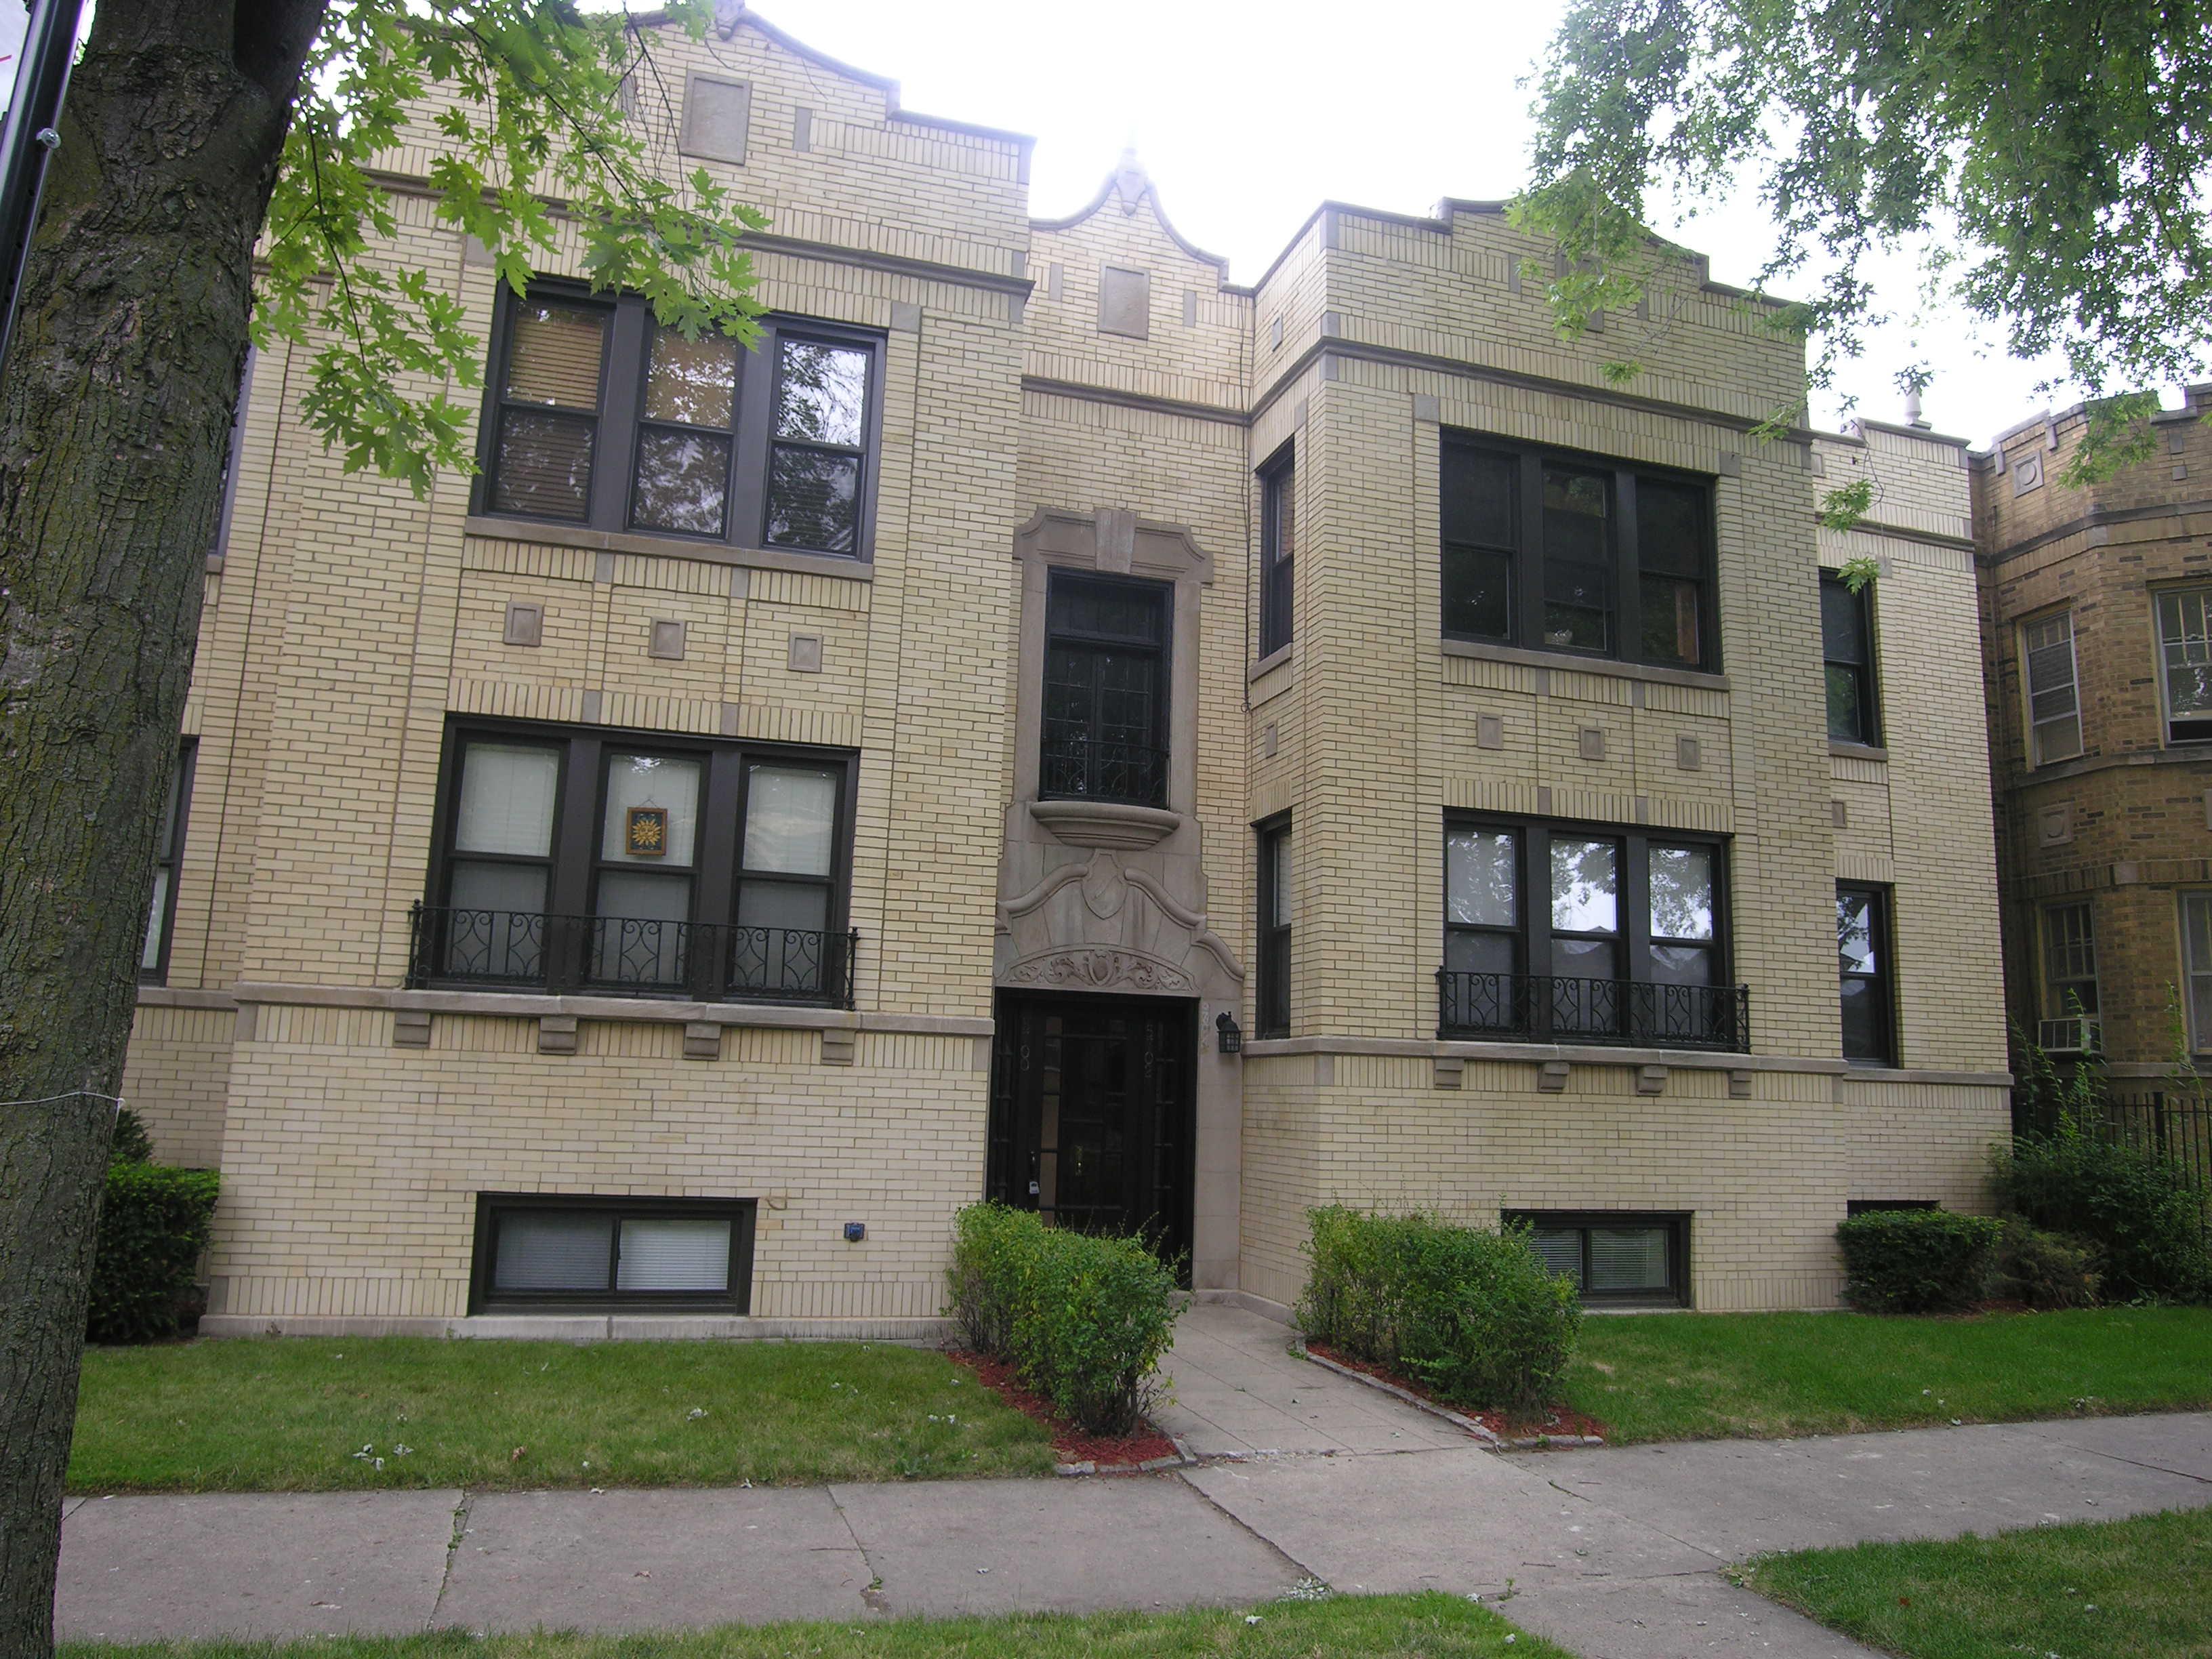 Maplewood Condominiums